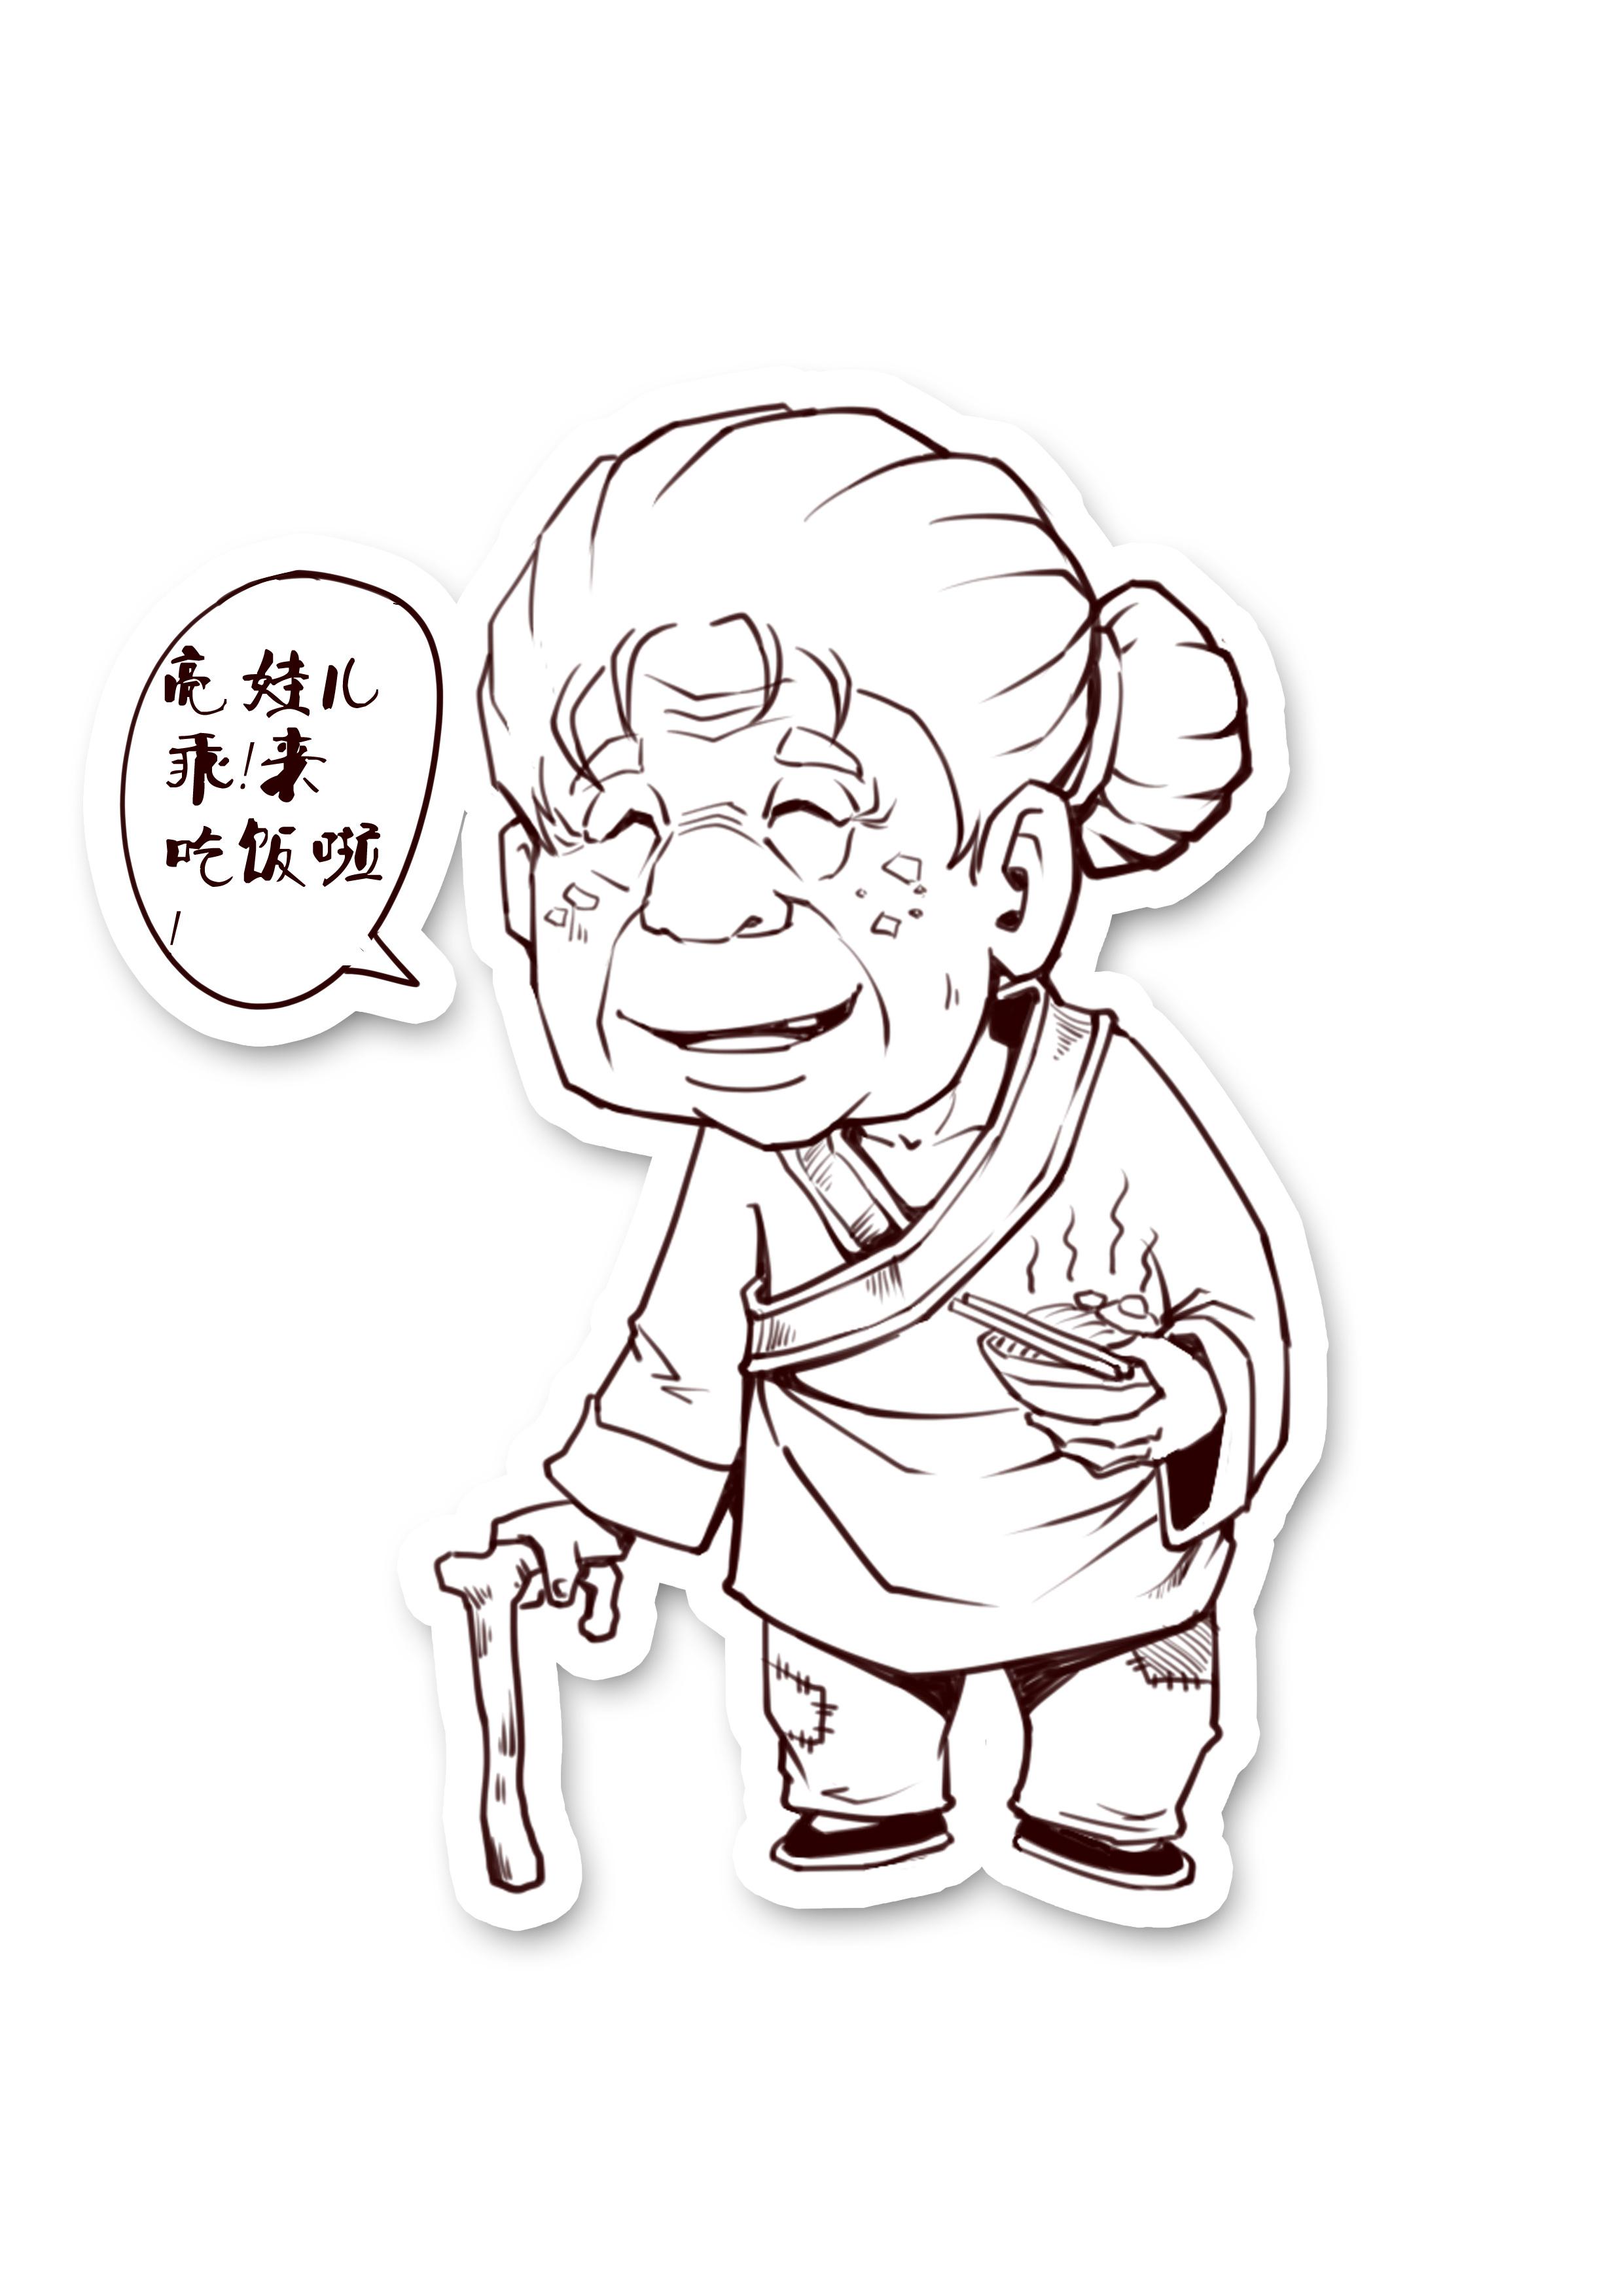 简笔画的小人物表情叫什么名?